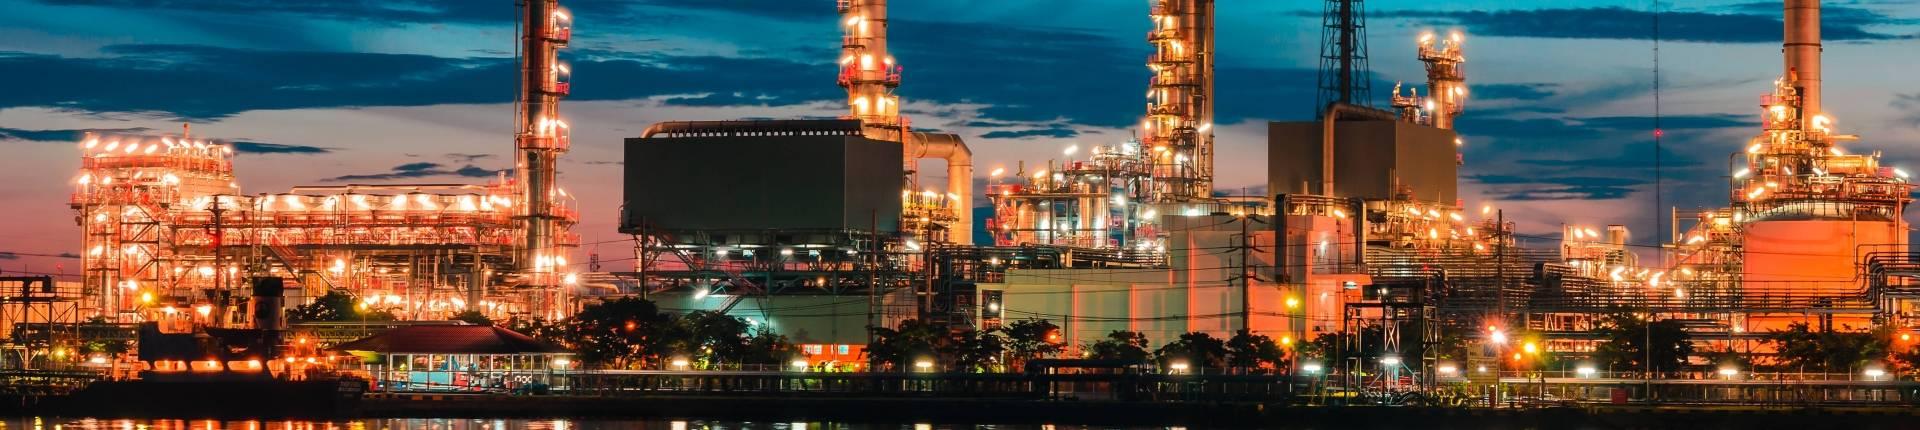 Olie, gas en petrochemie